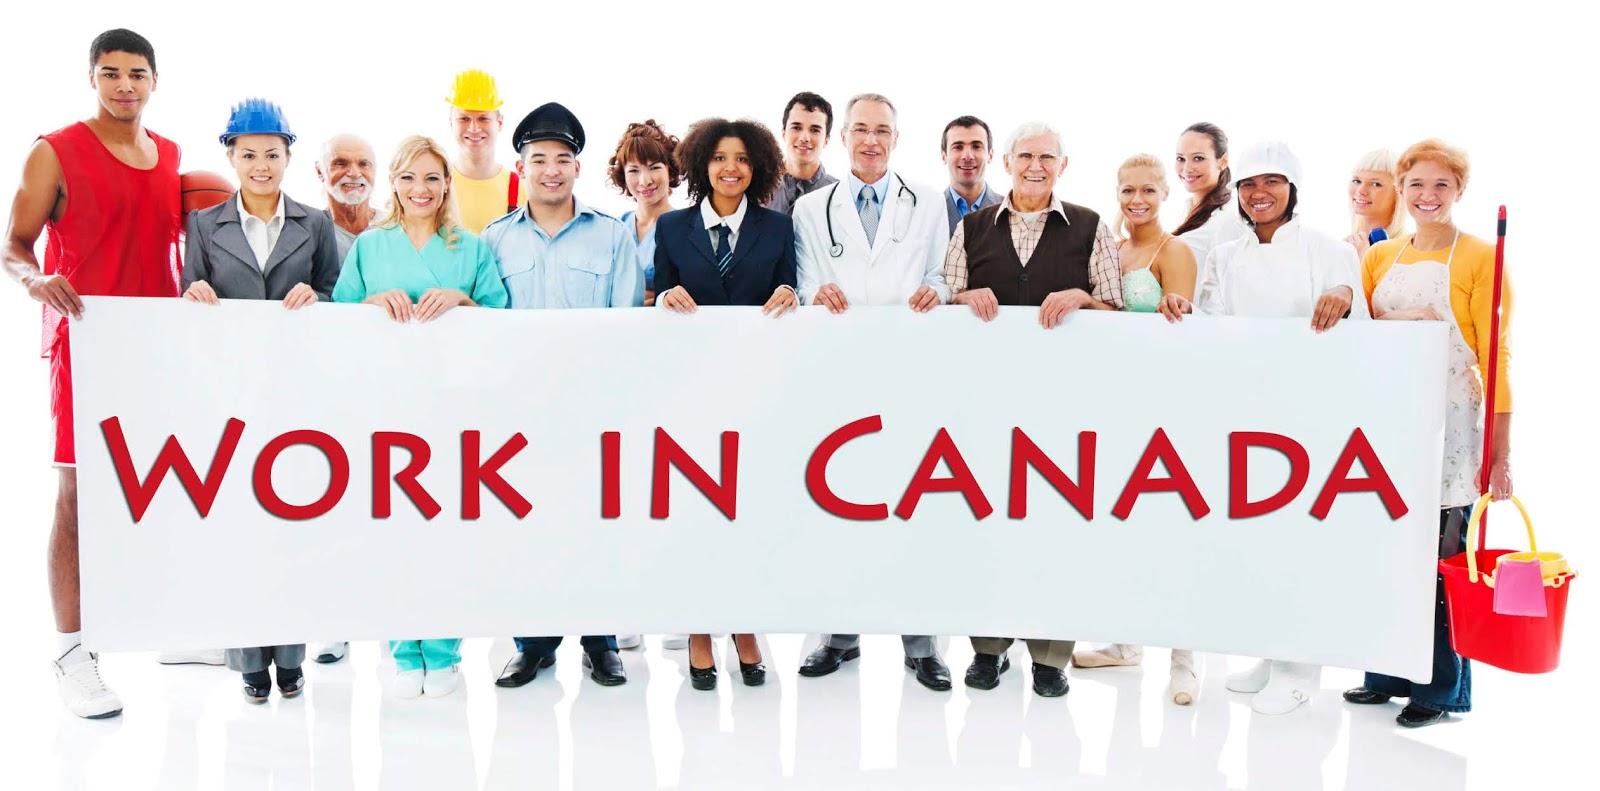 Việc Làm Canada – Những Lưu Ý Cho Việc Định Cư Canada